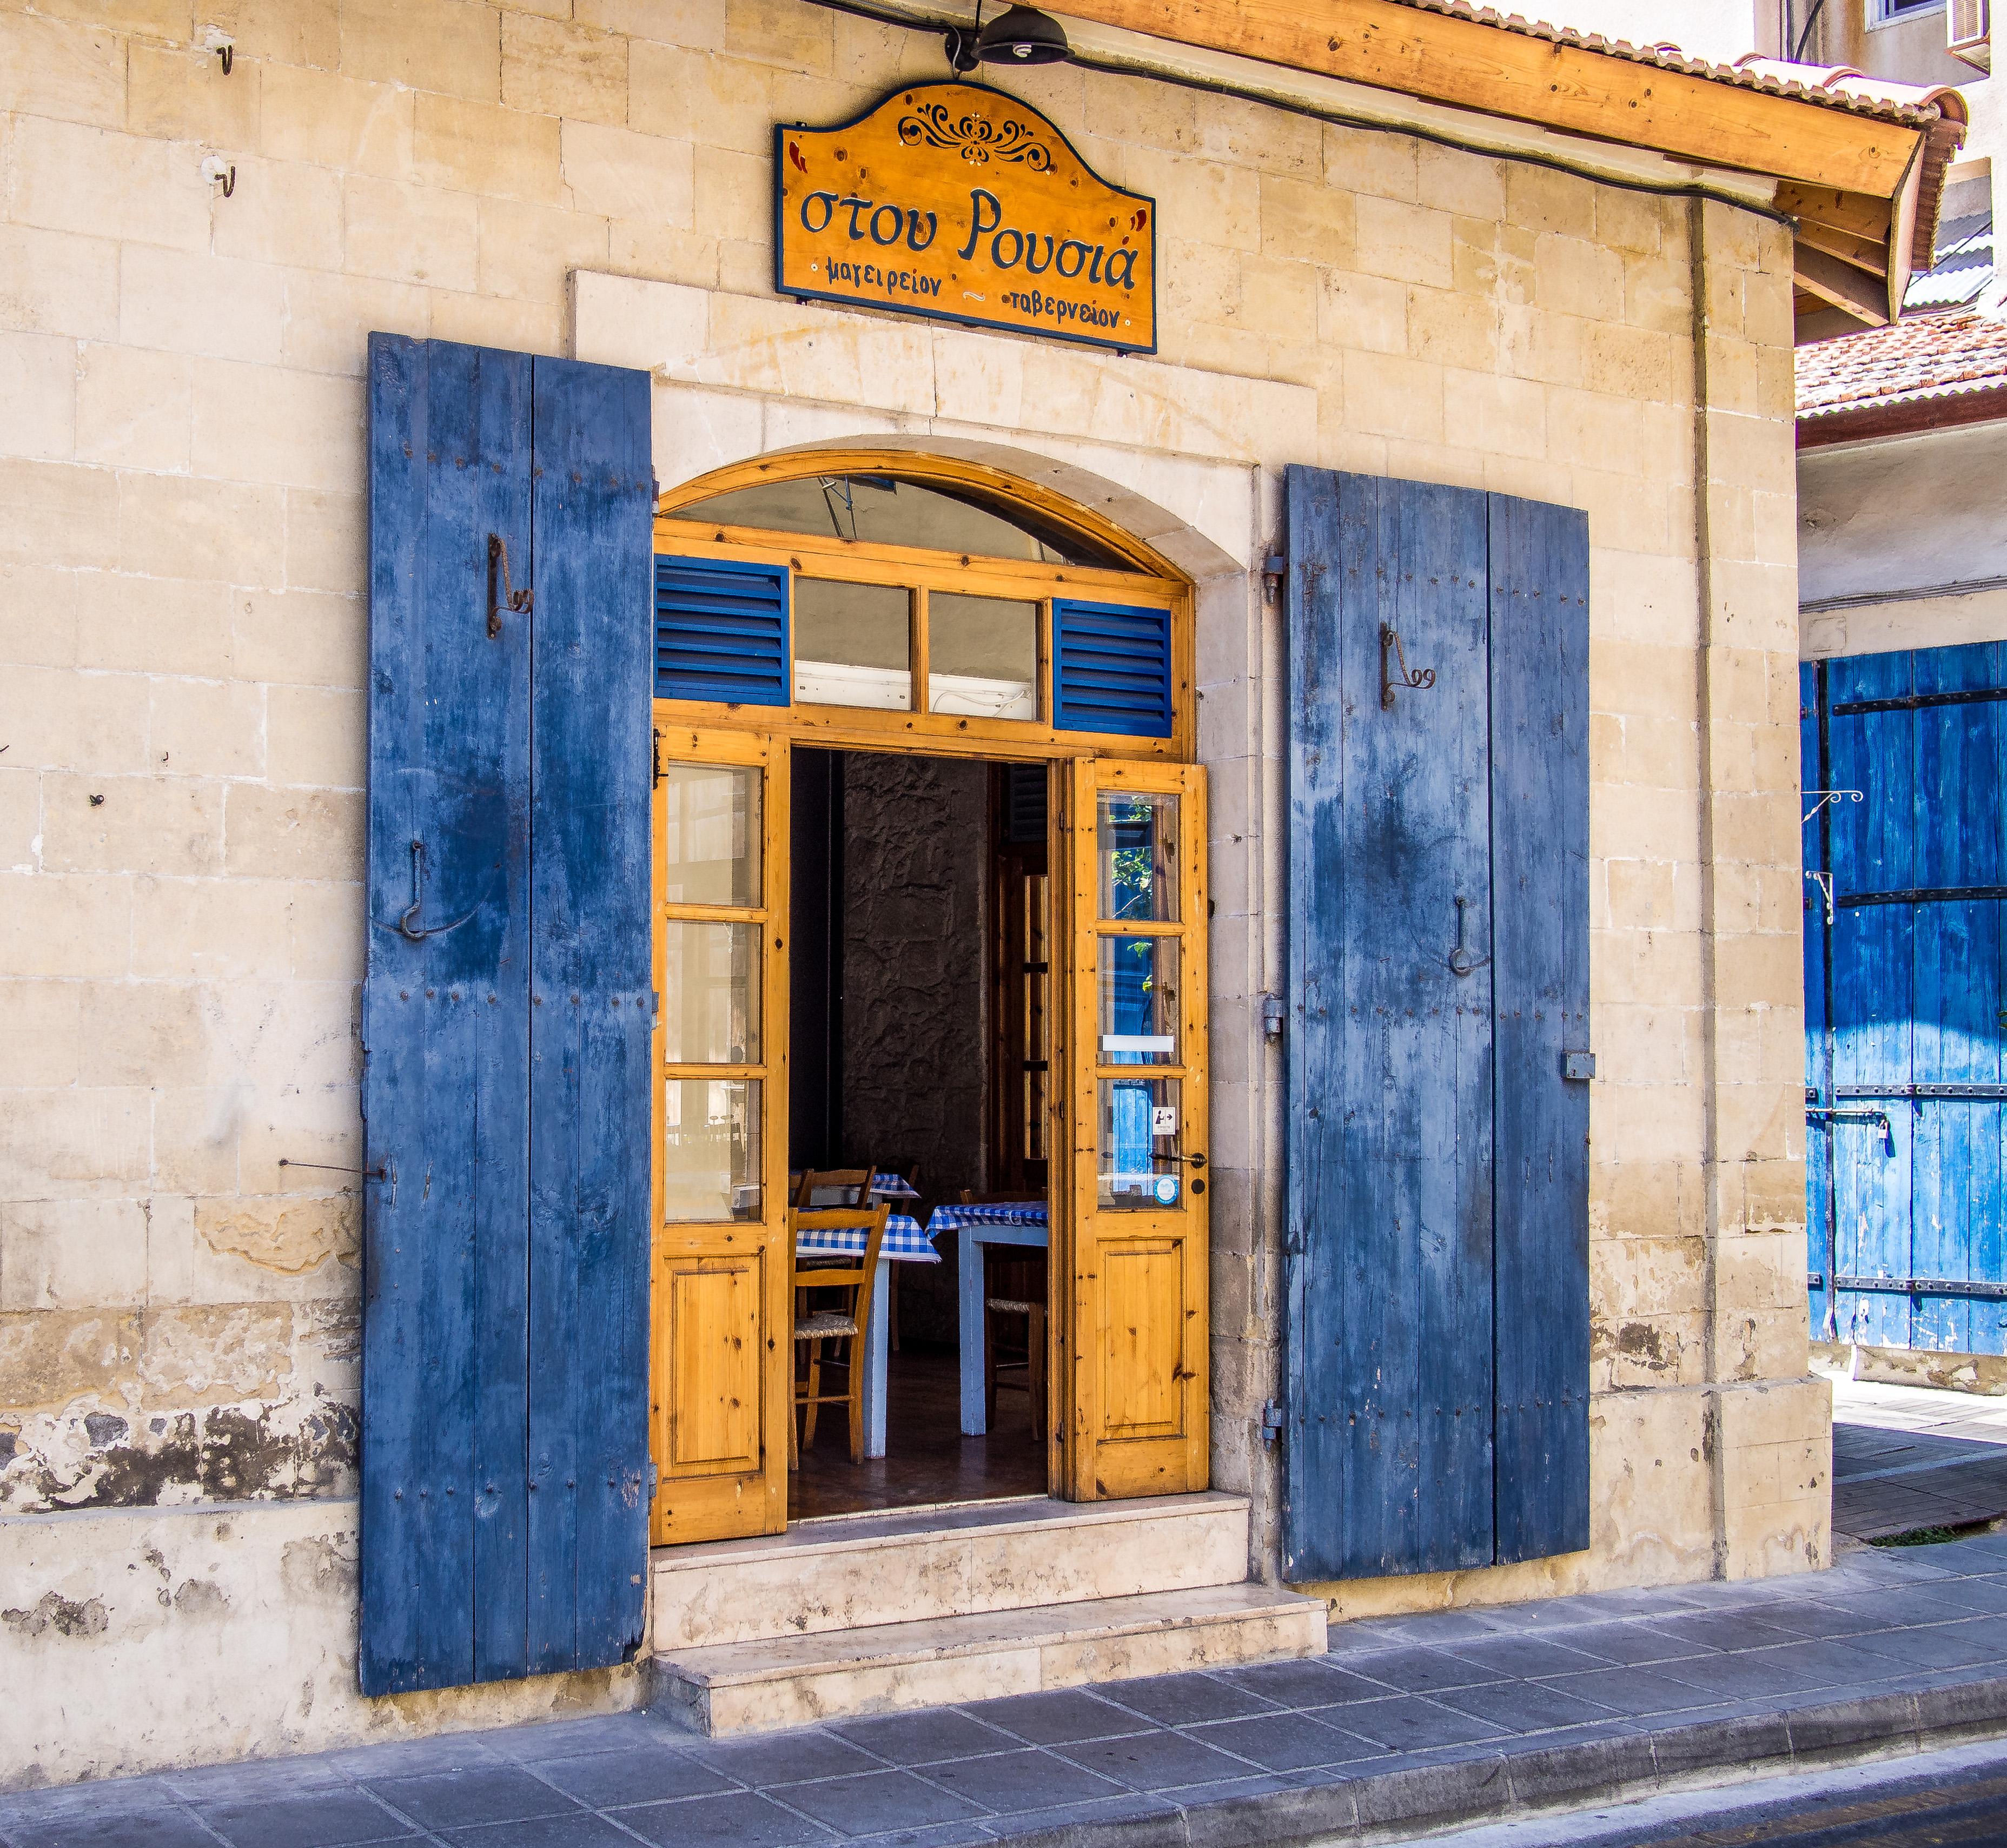 Таверна на Кипре в Ларнаке — сколько стоит питание